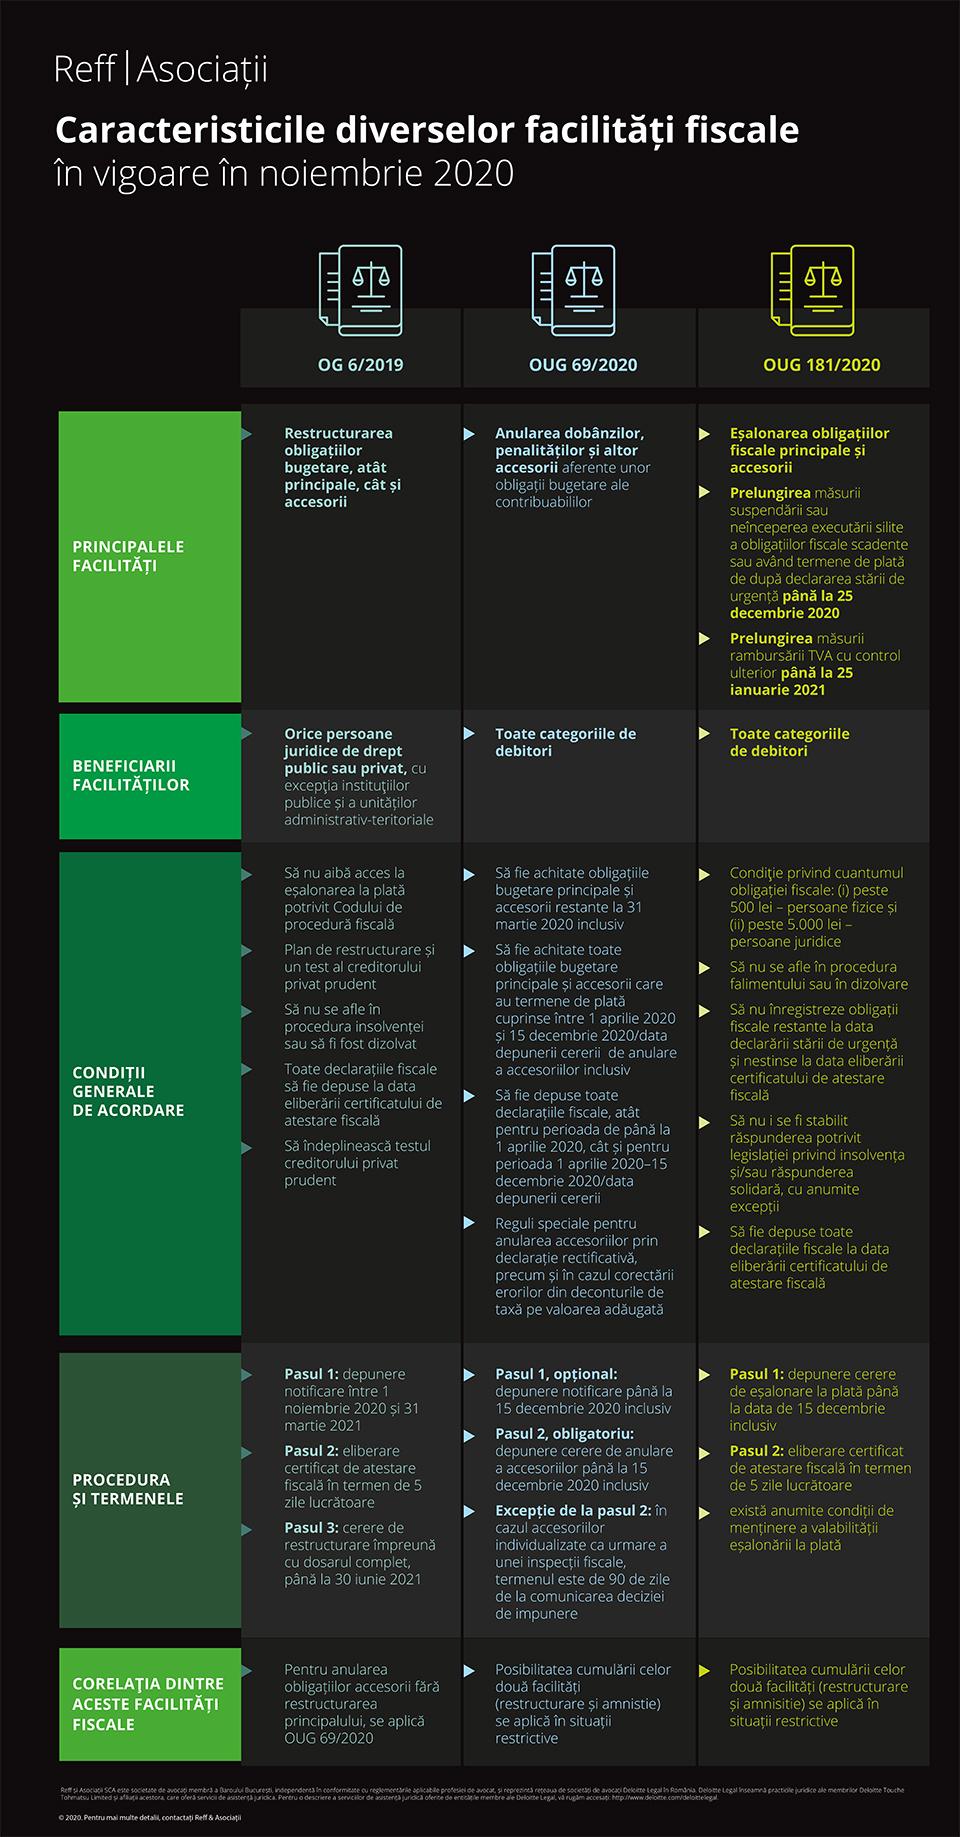 Comparație între cele trei tipuri de facilități fiscale disponibile în prezent